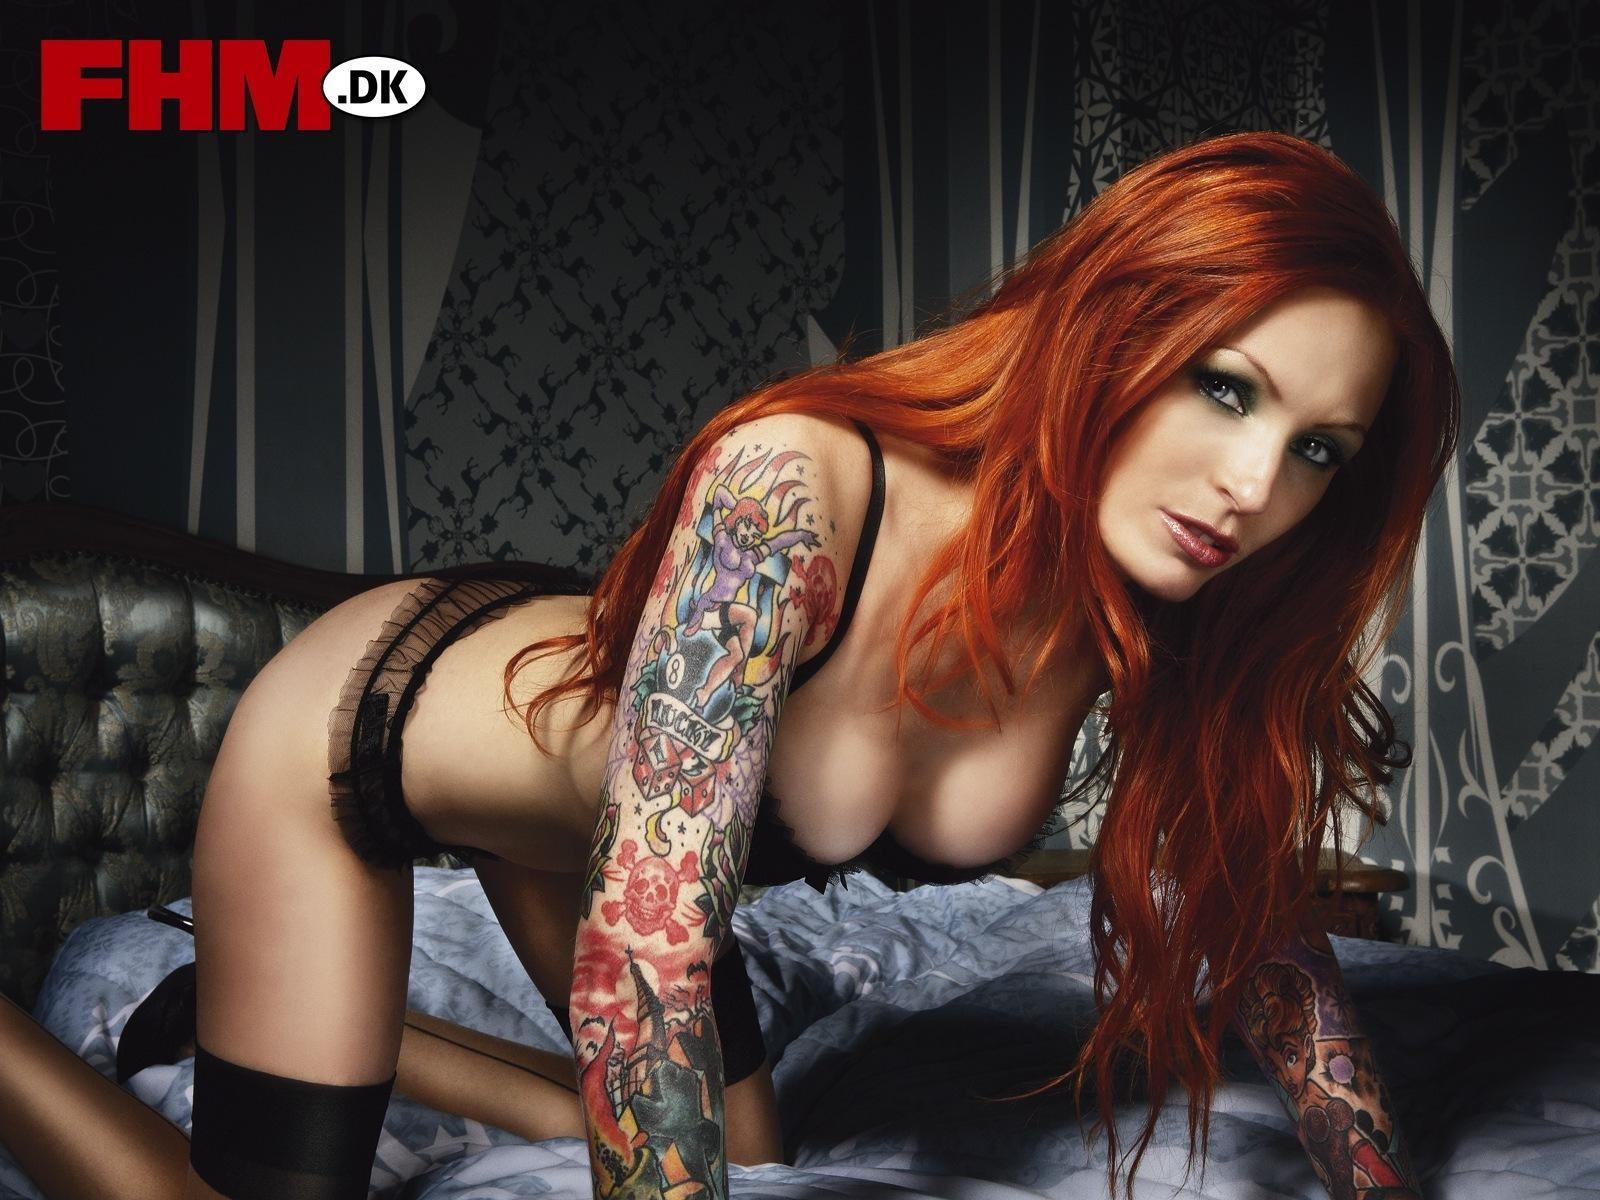 Татуировки на сиськах hd 13 фотография